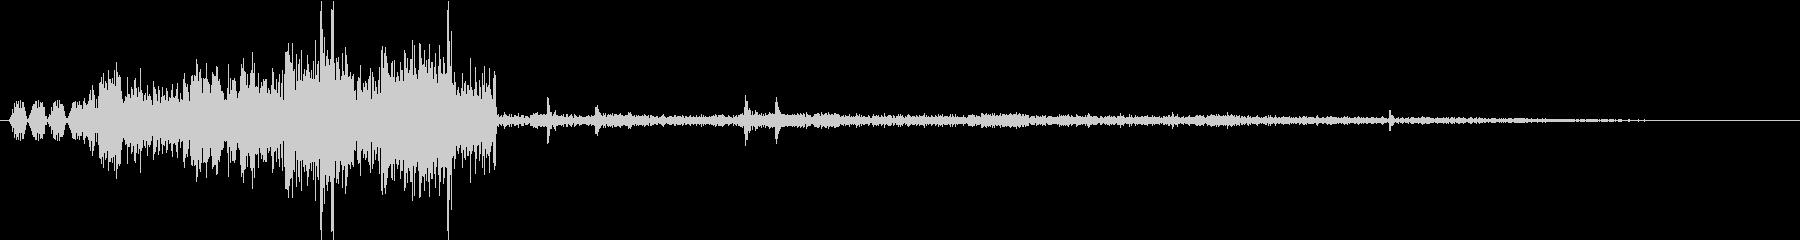 環境音 無線 通信 トランシーバーONの未再生の波形